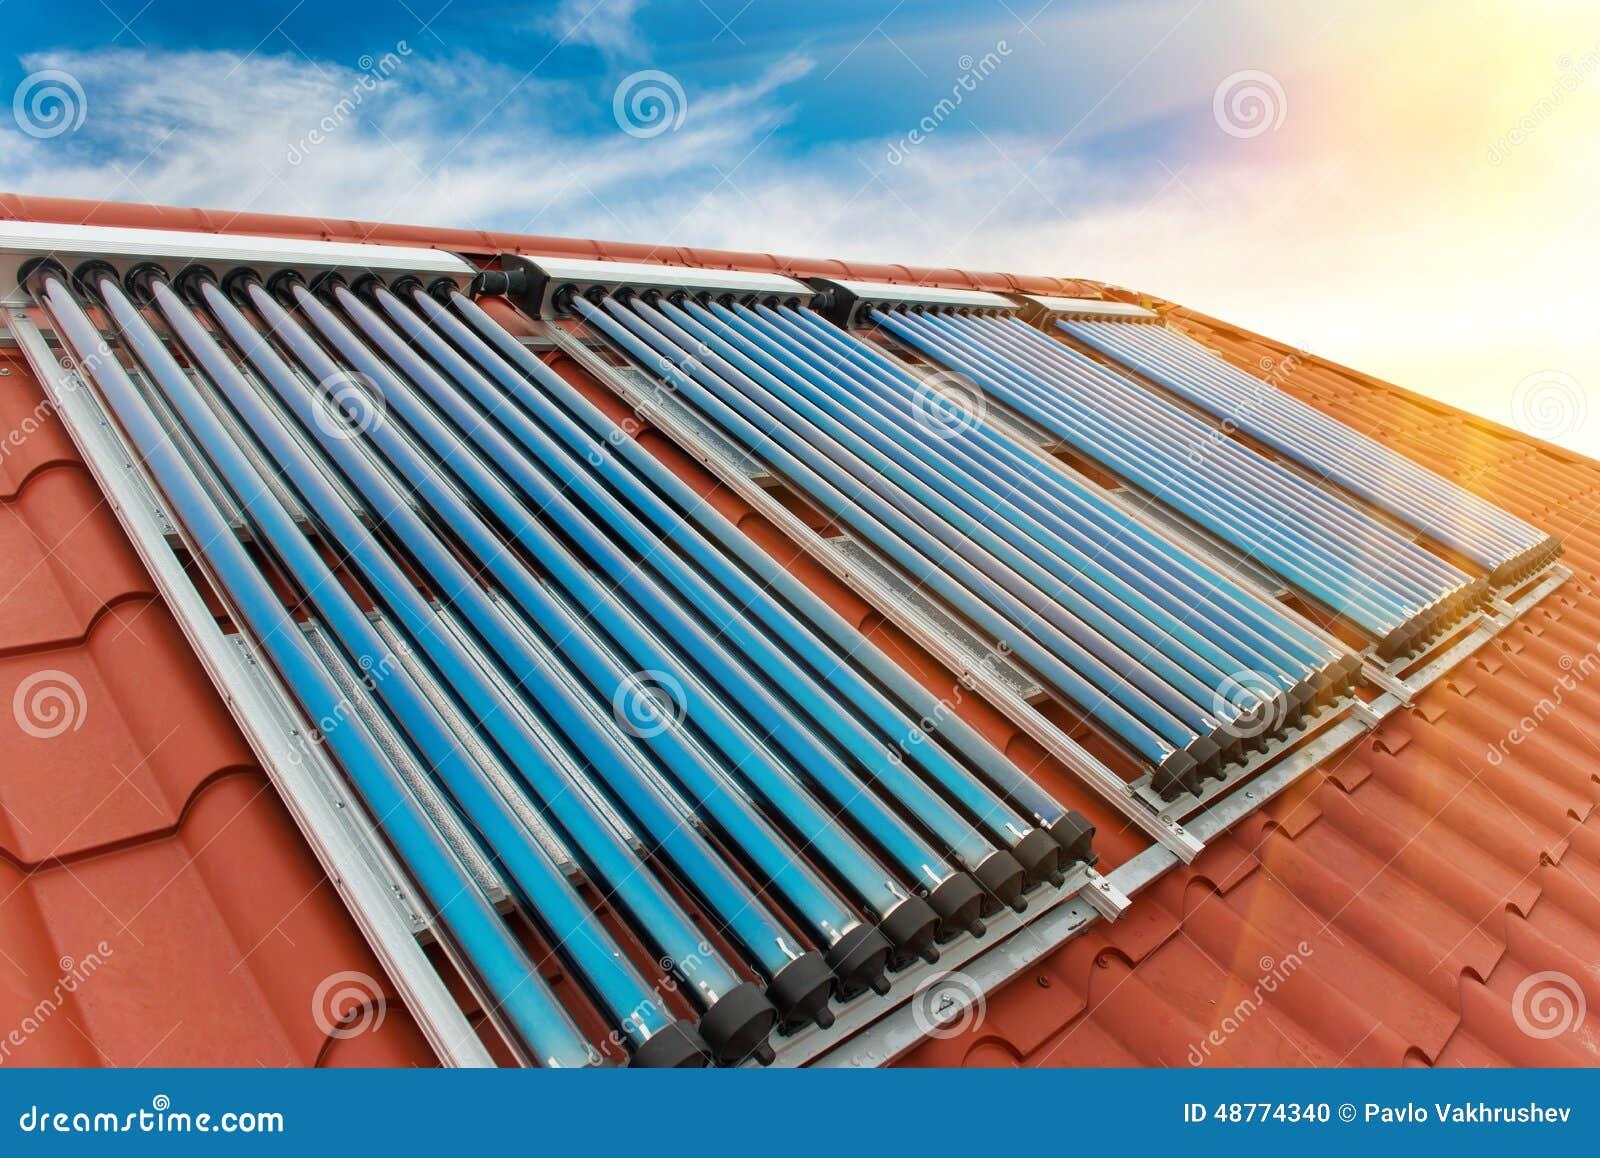 Système de chauffage solaire de l eau de collecteurs de vide